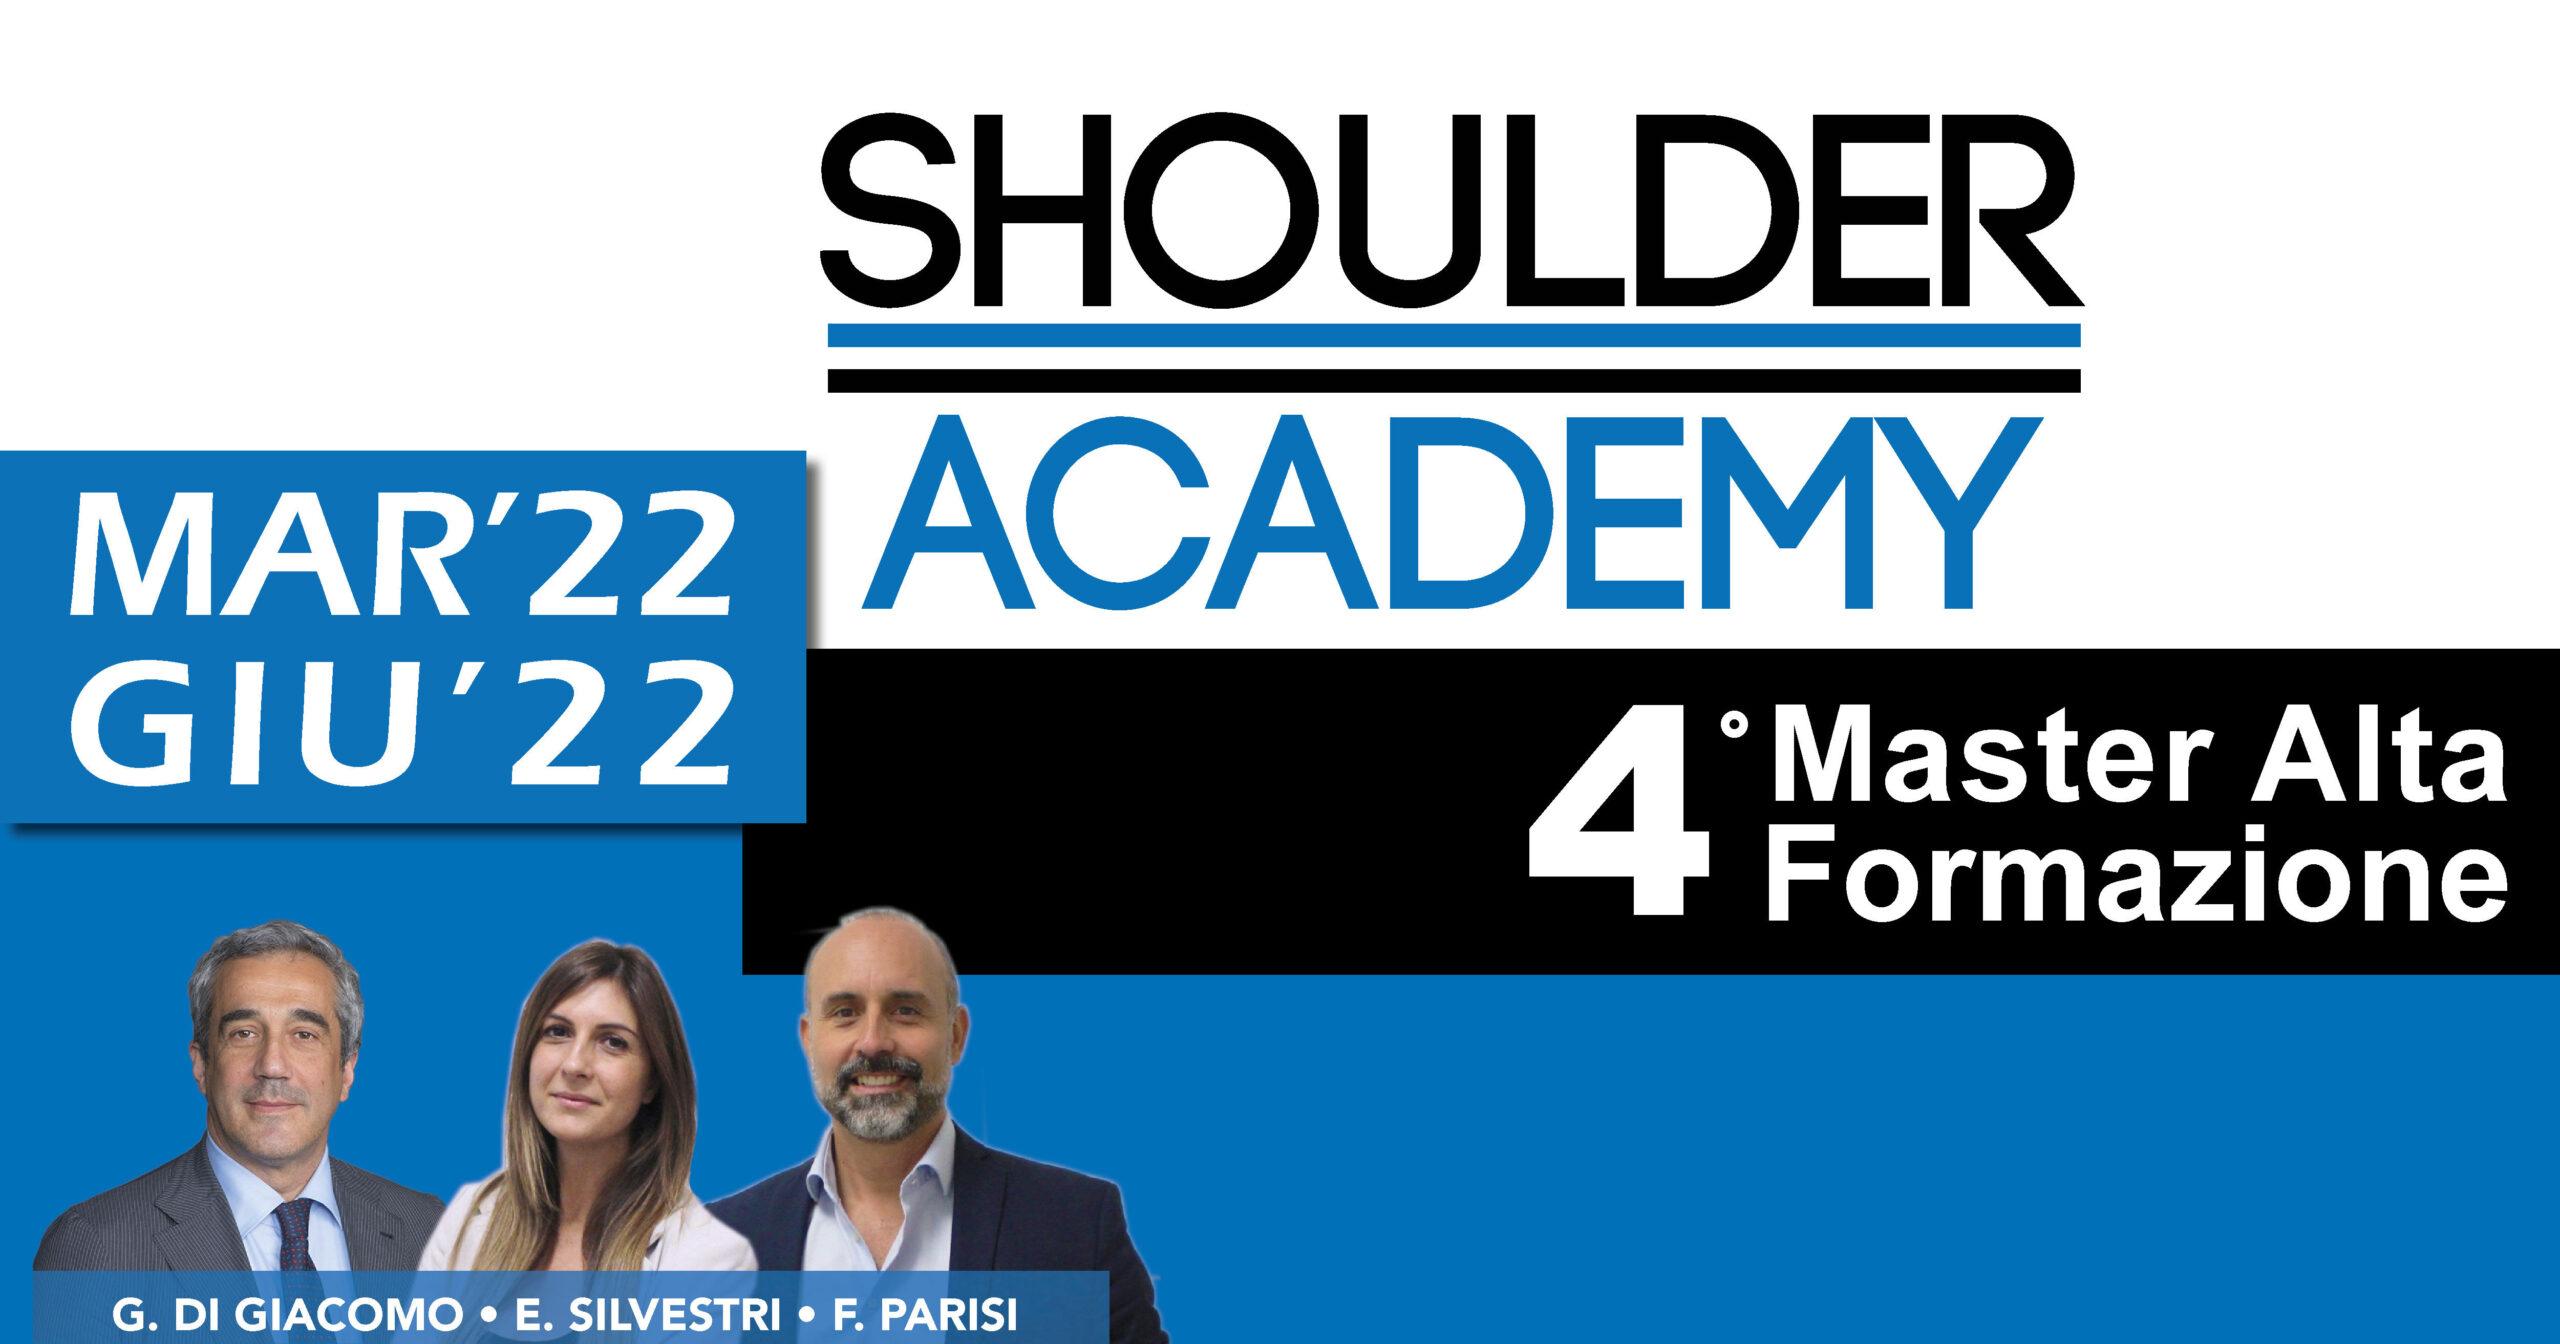 Shoulder Academy 4 Master